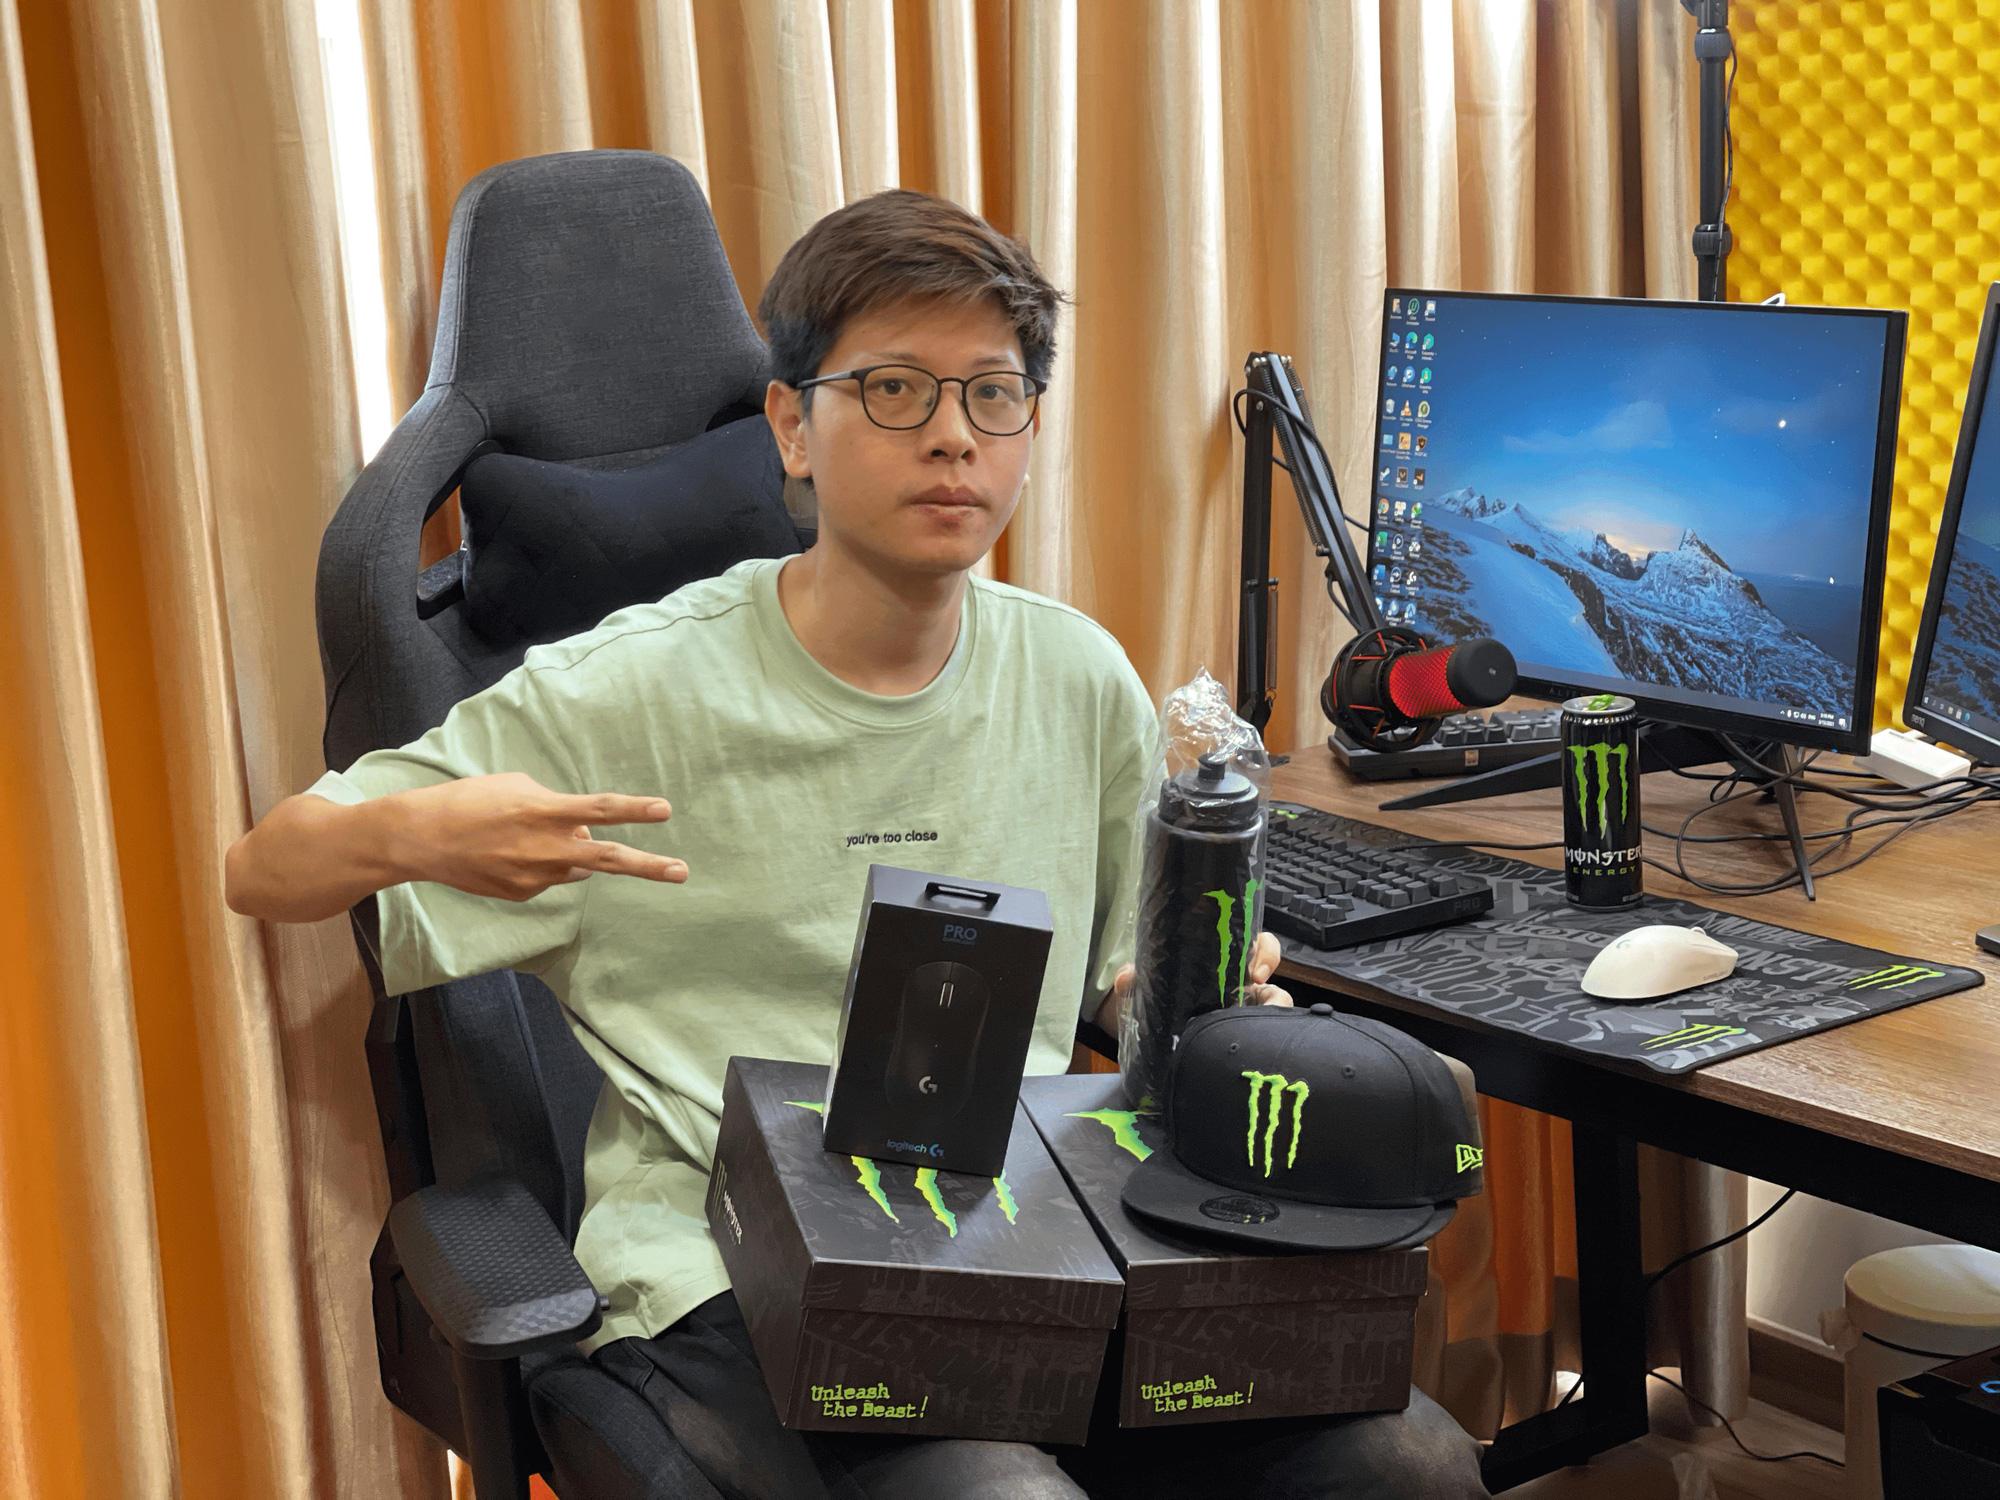 Chơi là trúng - Hàng loạt hot streamer đổ bộ vào cuộc săn 5.000 phần quà gaming cực hot từ Monster Energy - Ảnh 2.